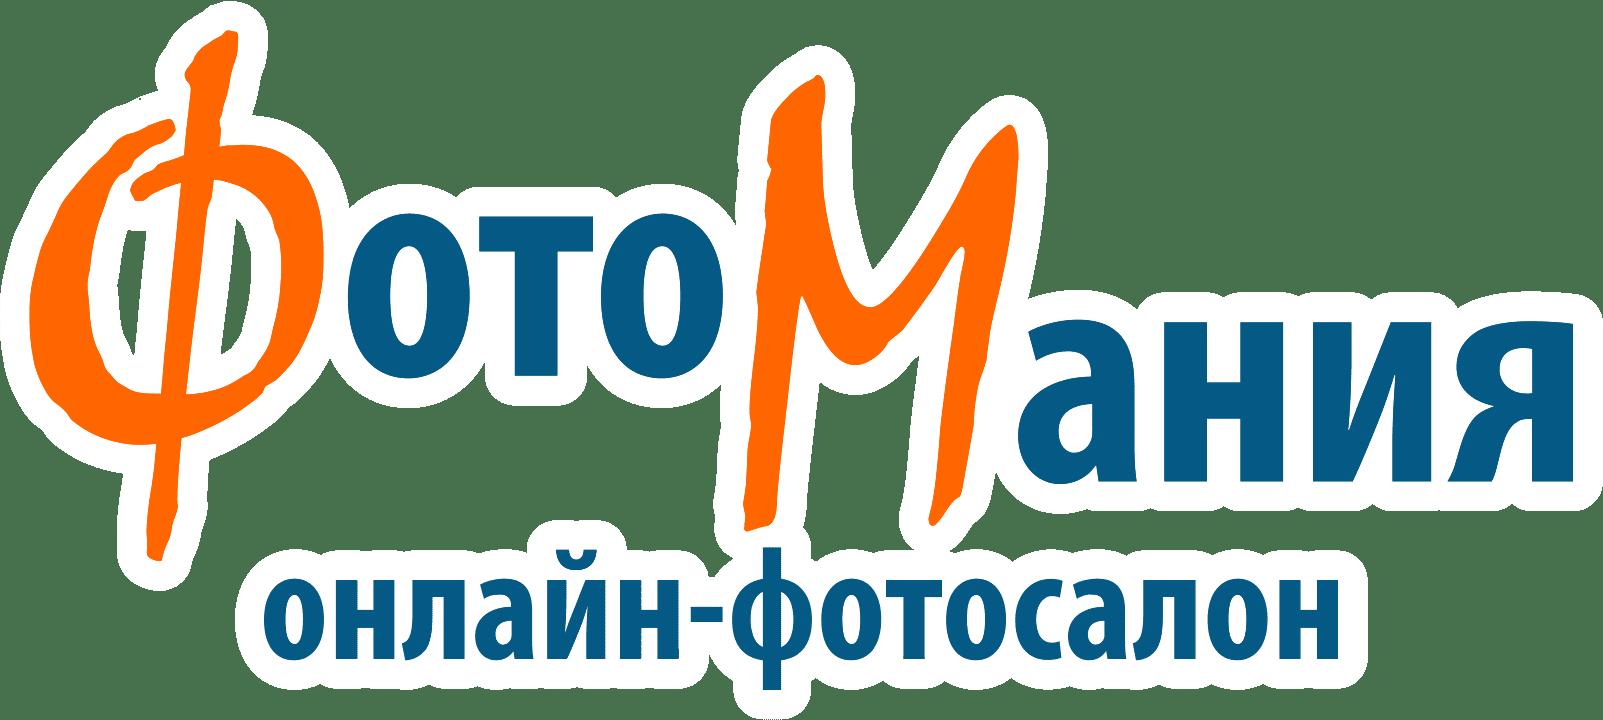 Фотомания